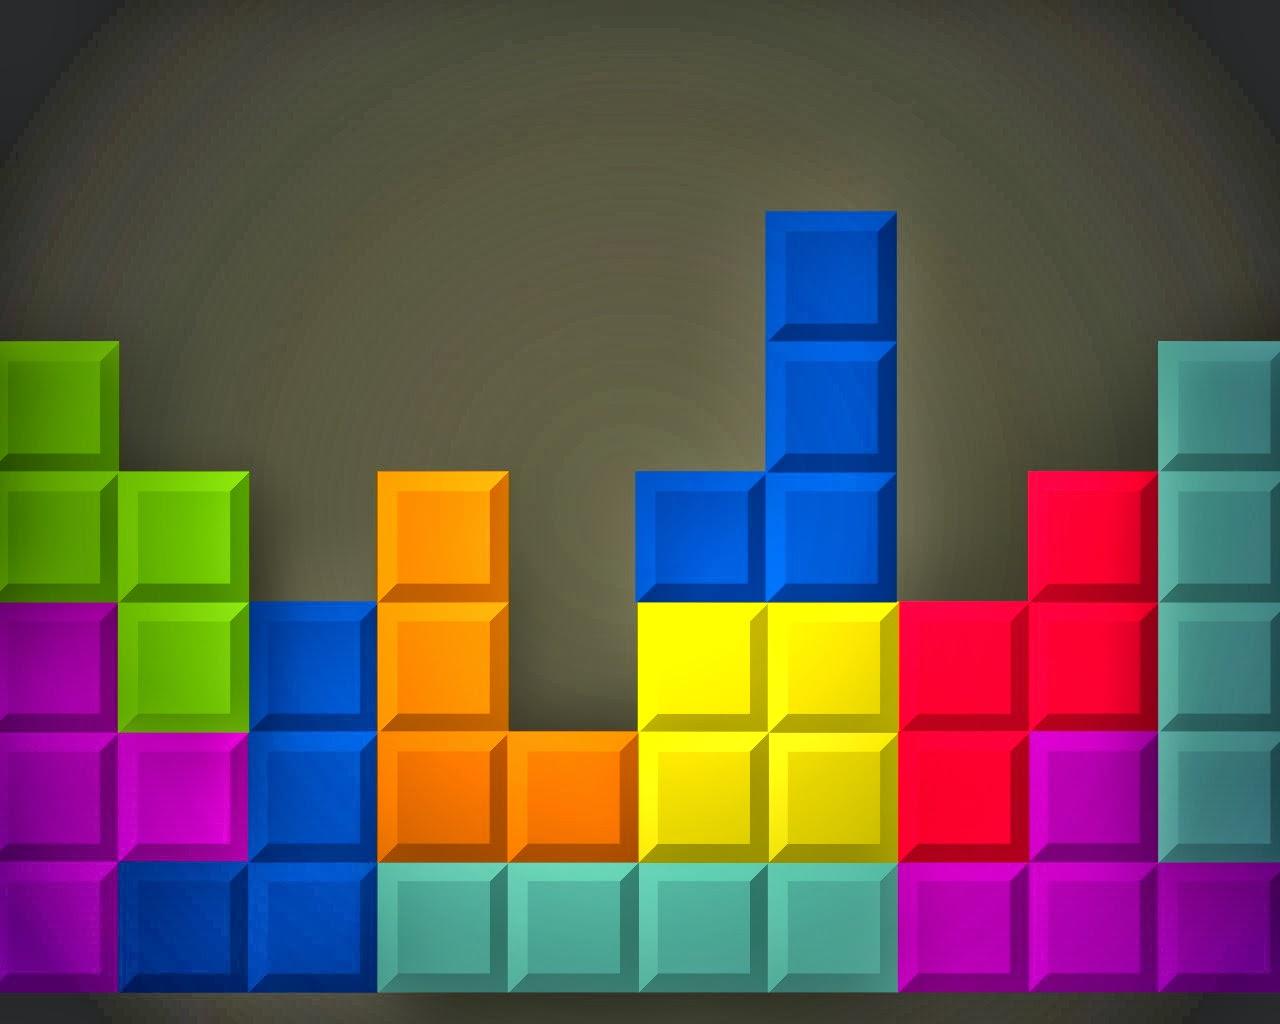 Un grupo de científicos de la Universidad de Plymouth, aseguran que con tan sólo dedicar tres minutos de juego a Tetris, el cerebro logra distraer y reducir los deseos de comida. El estudio también señala que el juego ayuda a reducir la ansiedad por el alcohol y los cigarrillos. Durante el estudio, los investigadores pidieron a un grupo de voluntarios, que evaluaran sus deseos en términos de intensidad y frecuencia. Luego, a la mitad de los participantes se les indicó que jugaran Tetris durante 3 minutos. Los científicos compararon los dos grupos y hallaron que quienes habían estado distraídos jugando,